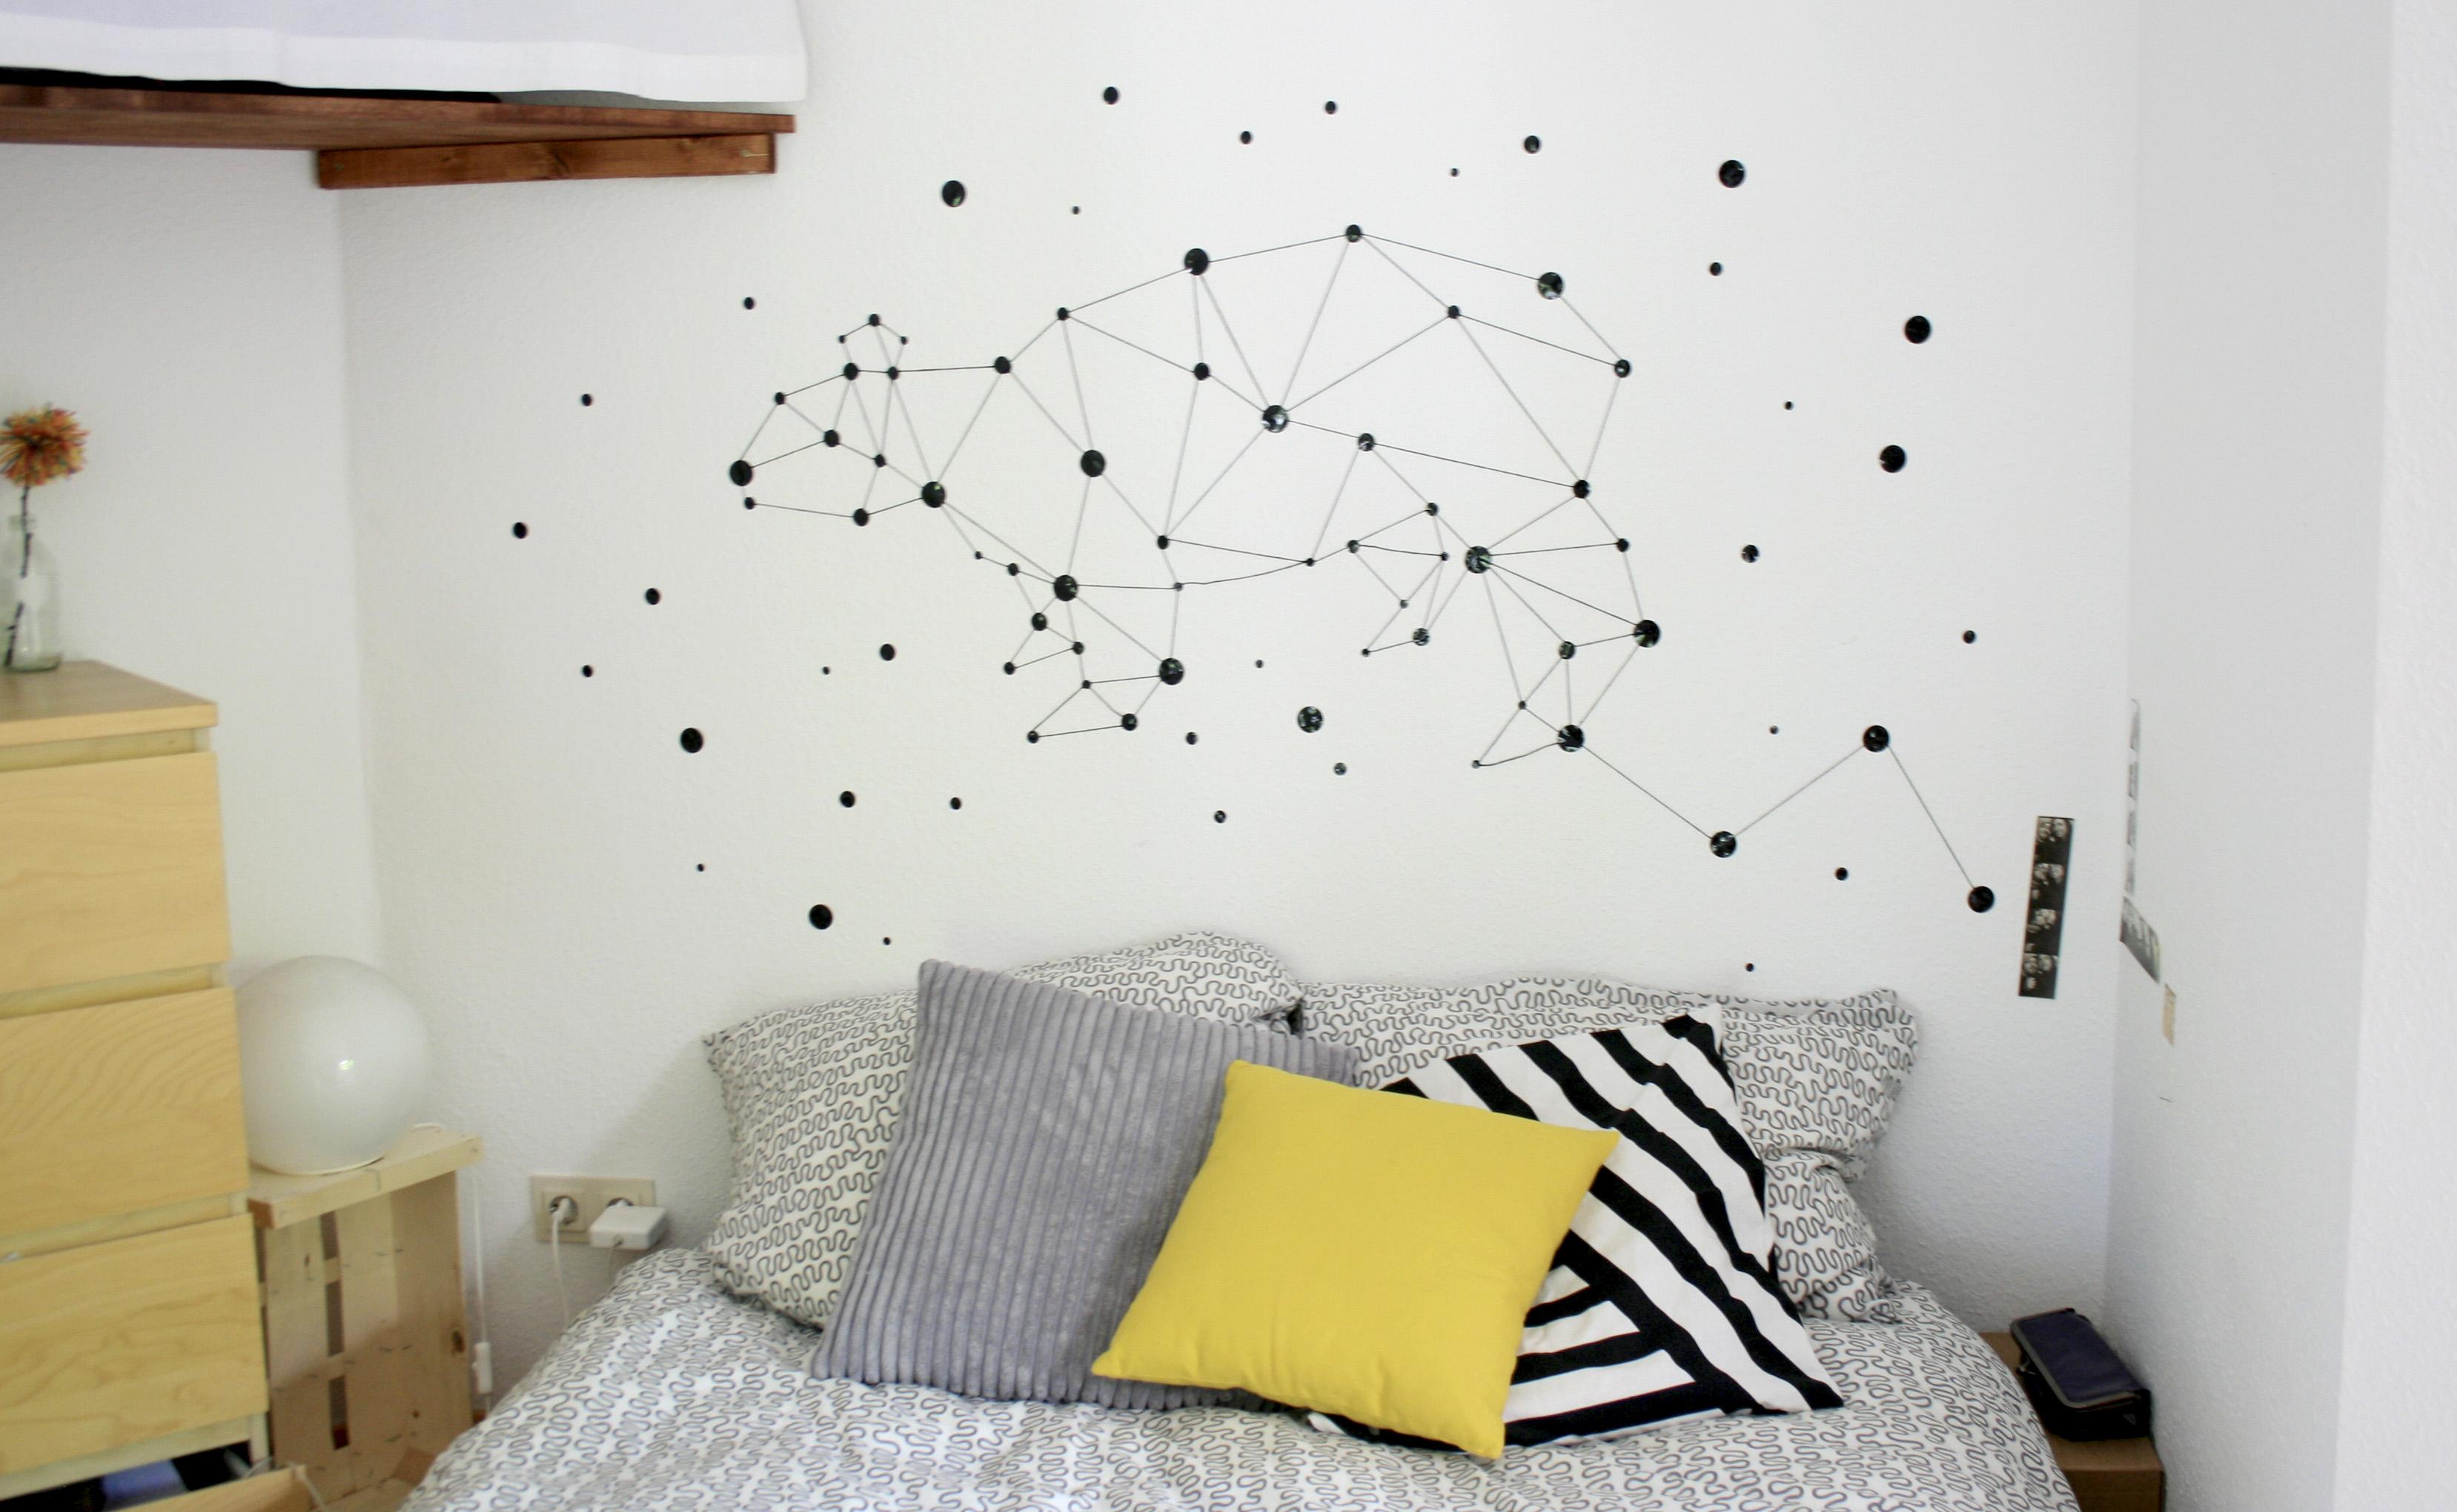 Vinilo decorativo hey type me blog de el amante volador for Adhesivos pared dormitorio